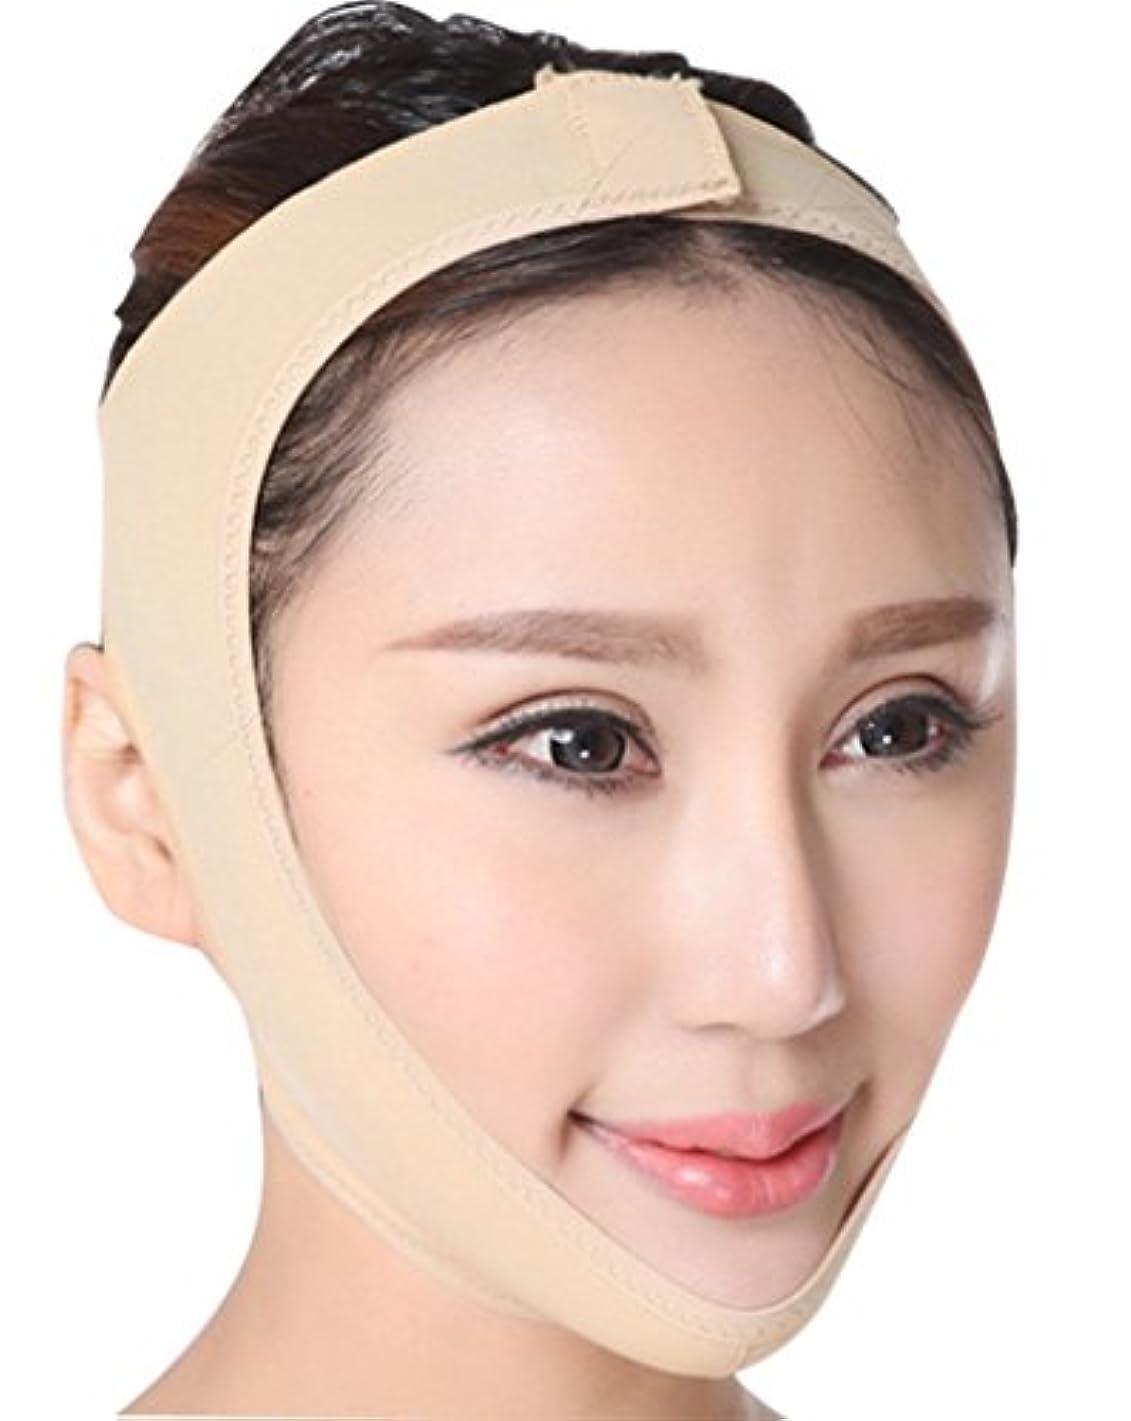 第三生産性ロンドンフェイスラインベルト M/L/XLサイズ 抗シワ 額、顎下、頬リフトアップ 小顔 美顔 頬のたるみ 引き上げマスク L